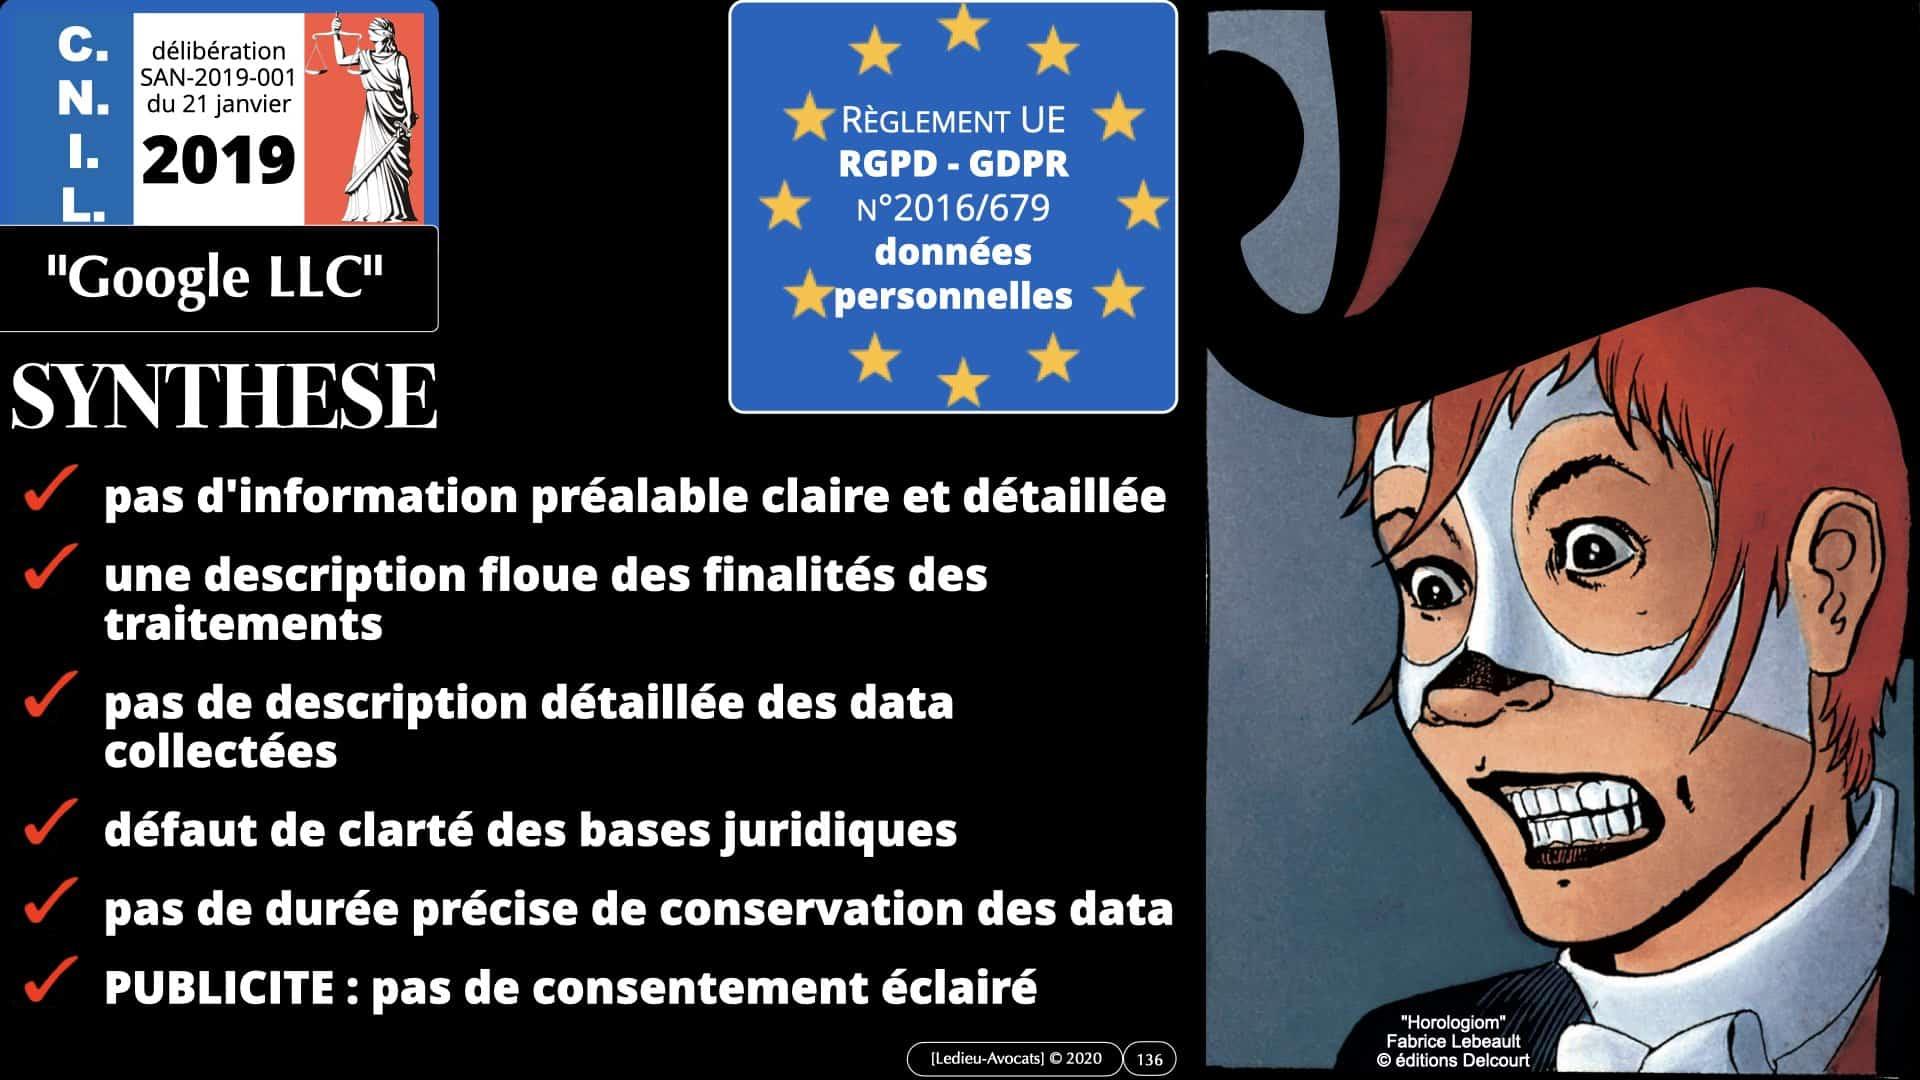 RGPD e-Privacy données personnelles jurisprudence formation Lamy Les Echos 10-02-2021 ©Ledieu-Avocats.136